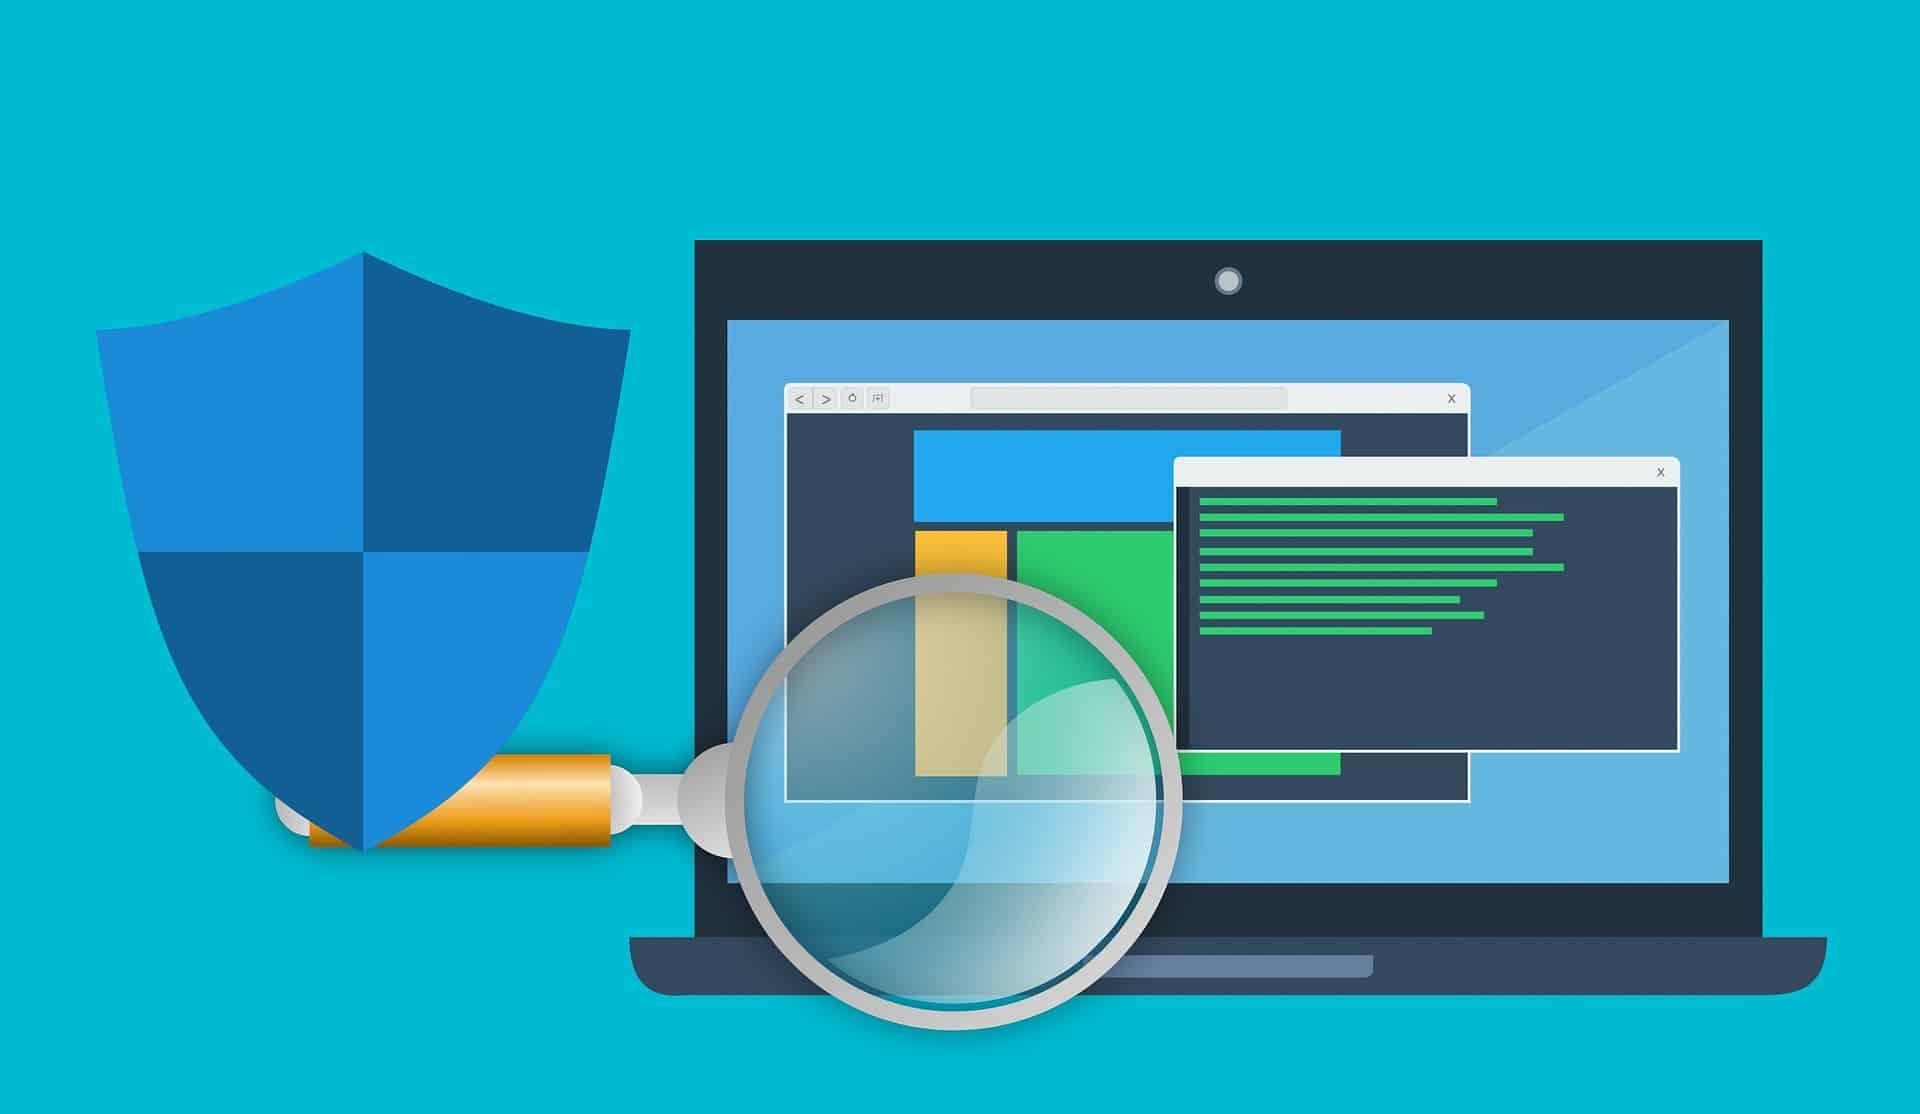 Ilustração mostra uma lupa analisando uma tela de computador.